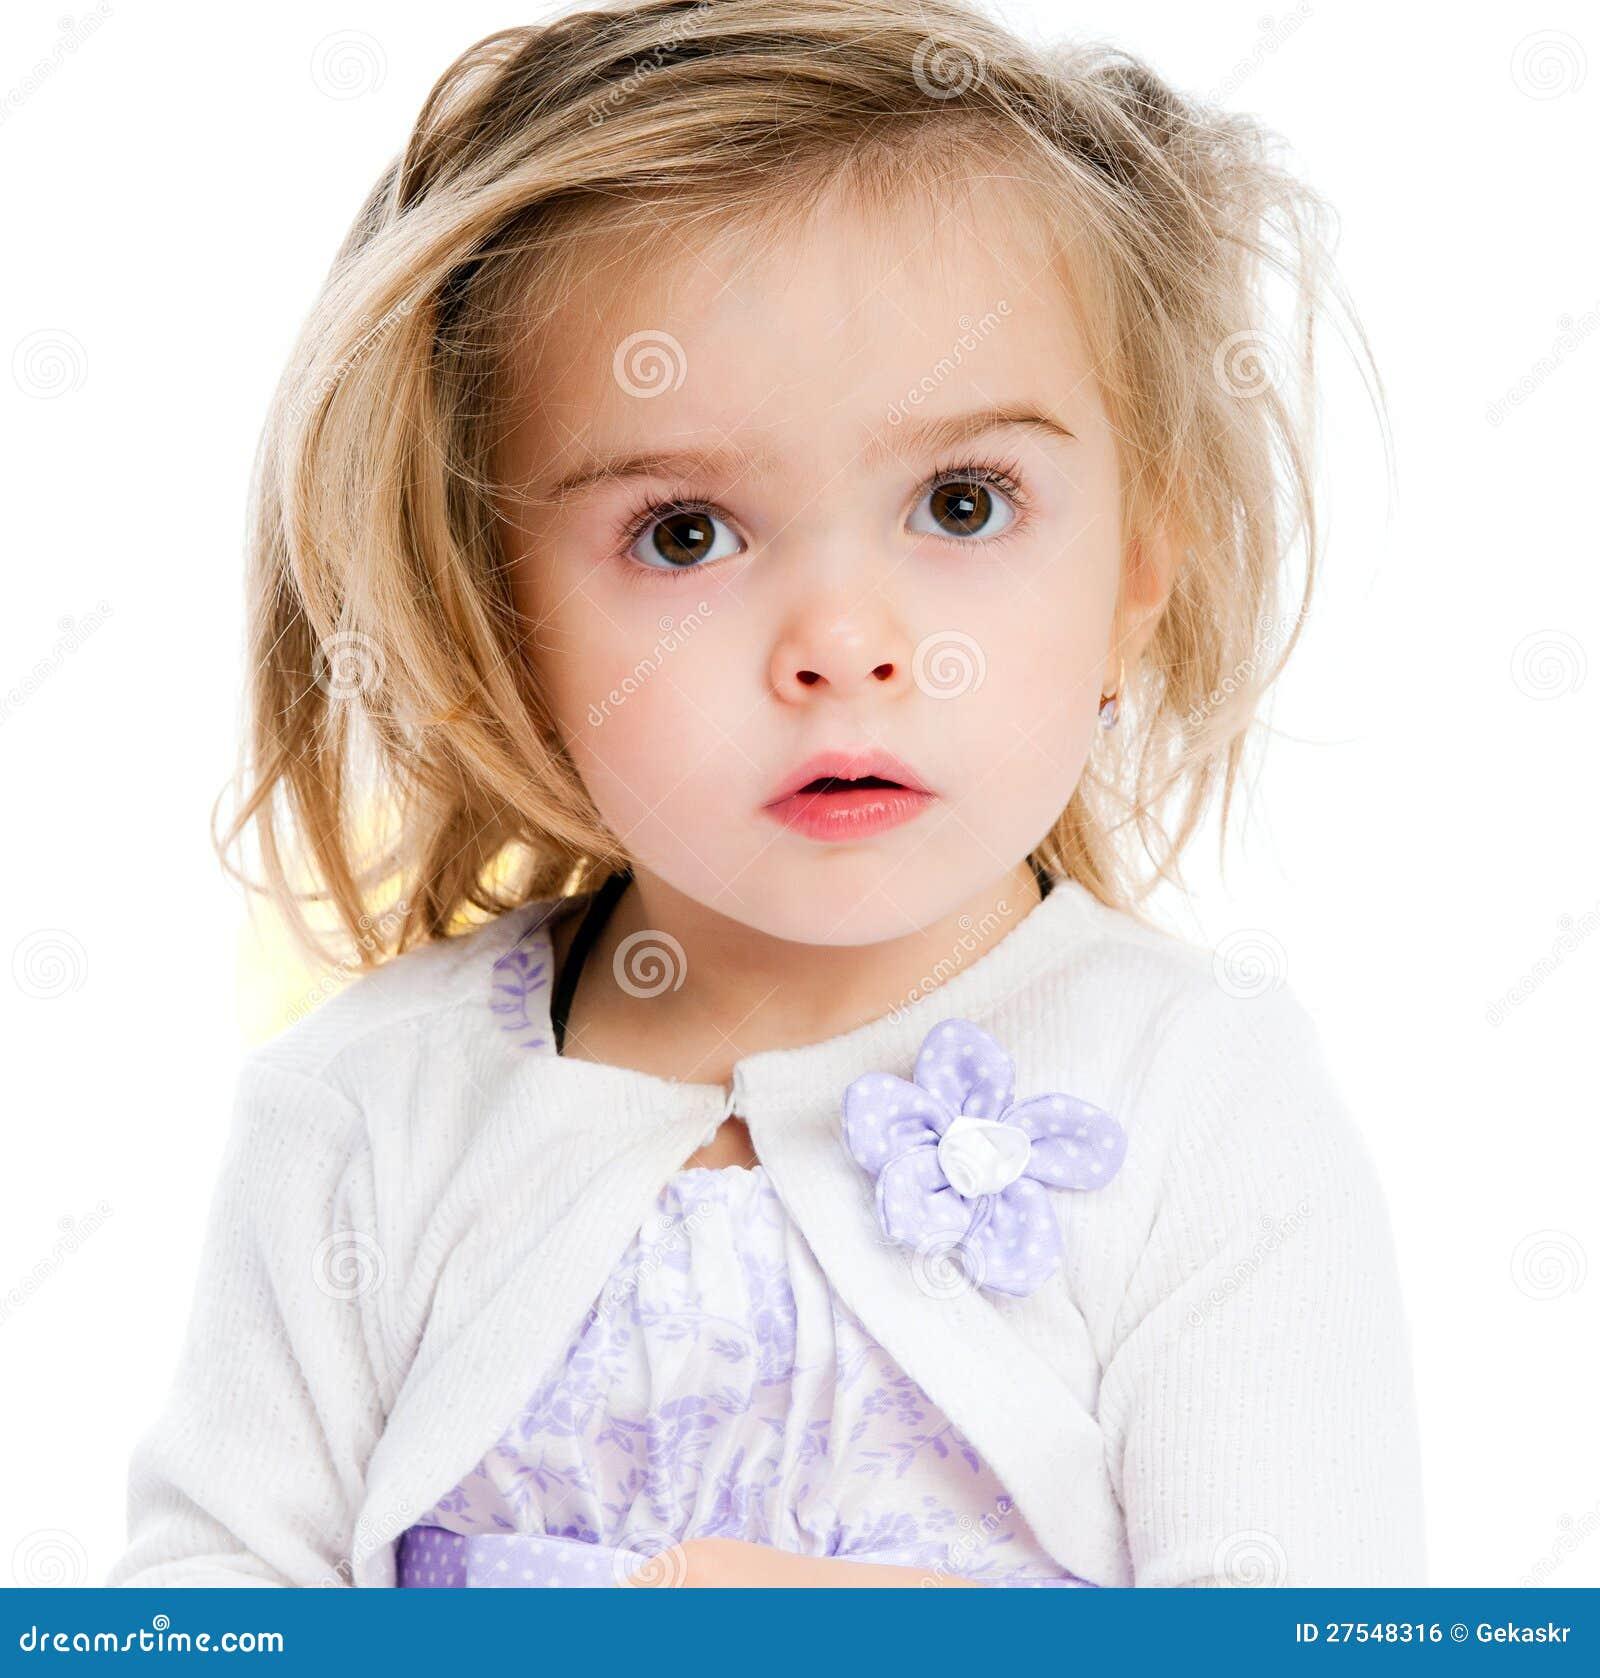 Beautiful Little Girl Bedrooms: Beautiful Little Girl Stock Photo. Image Of Girl, Isolated